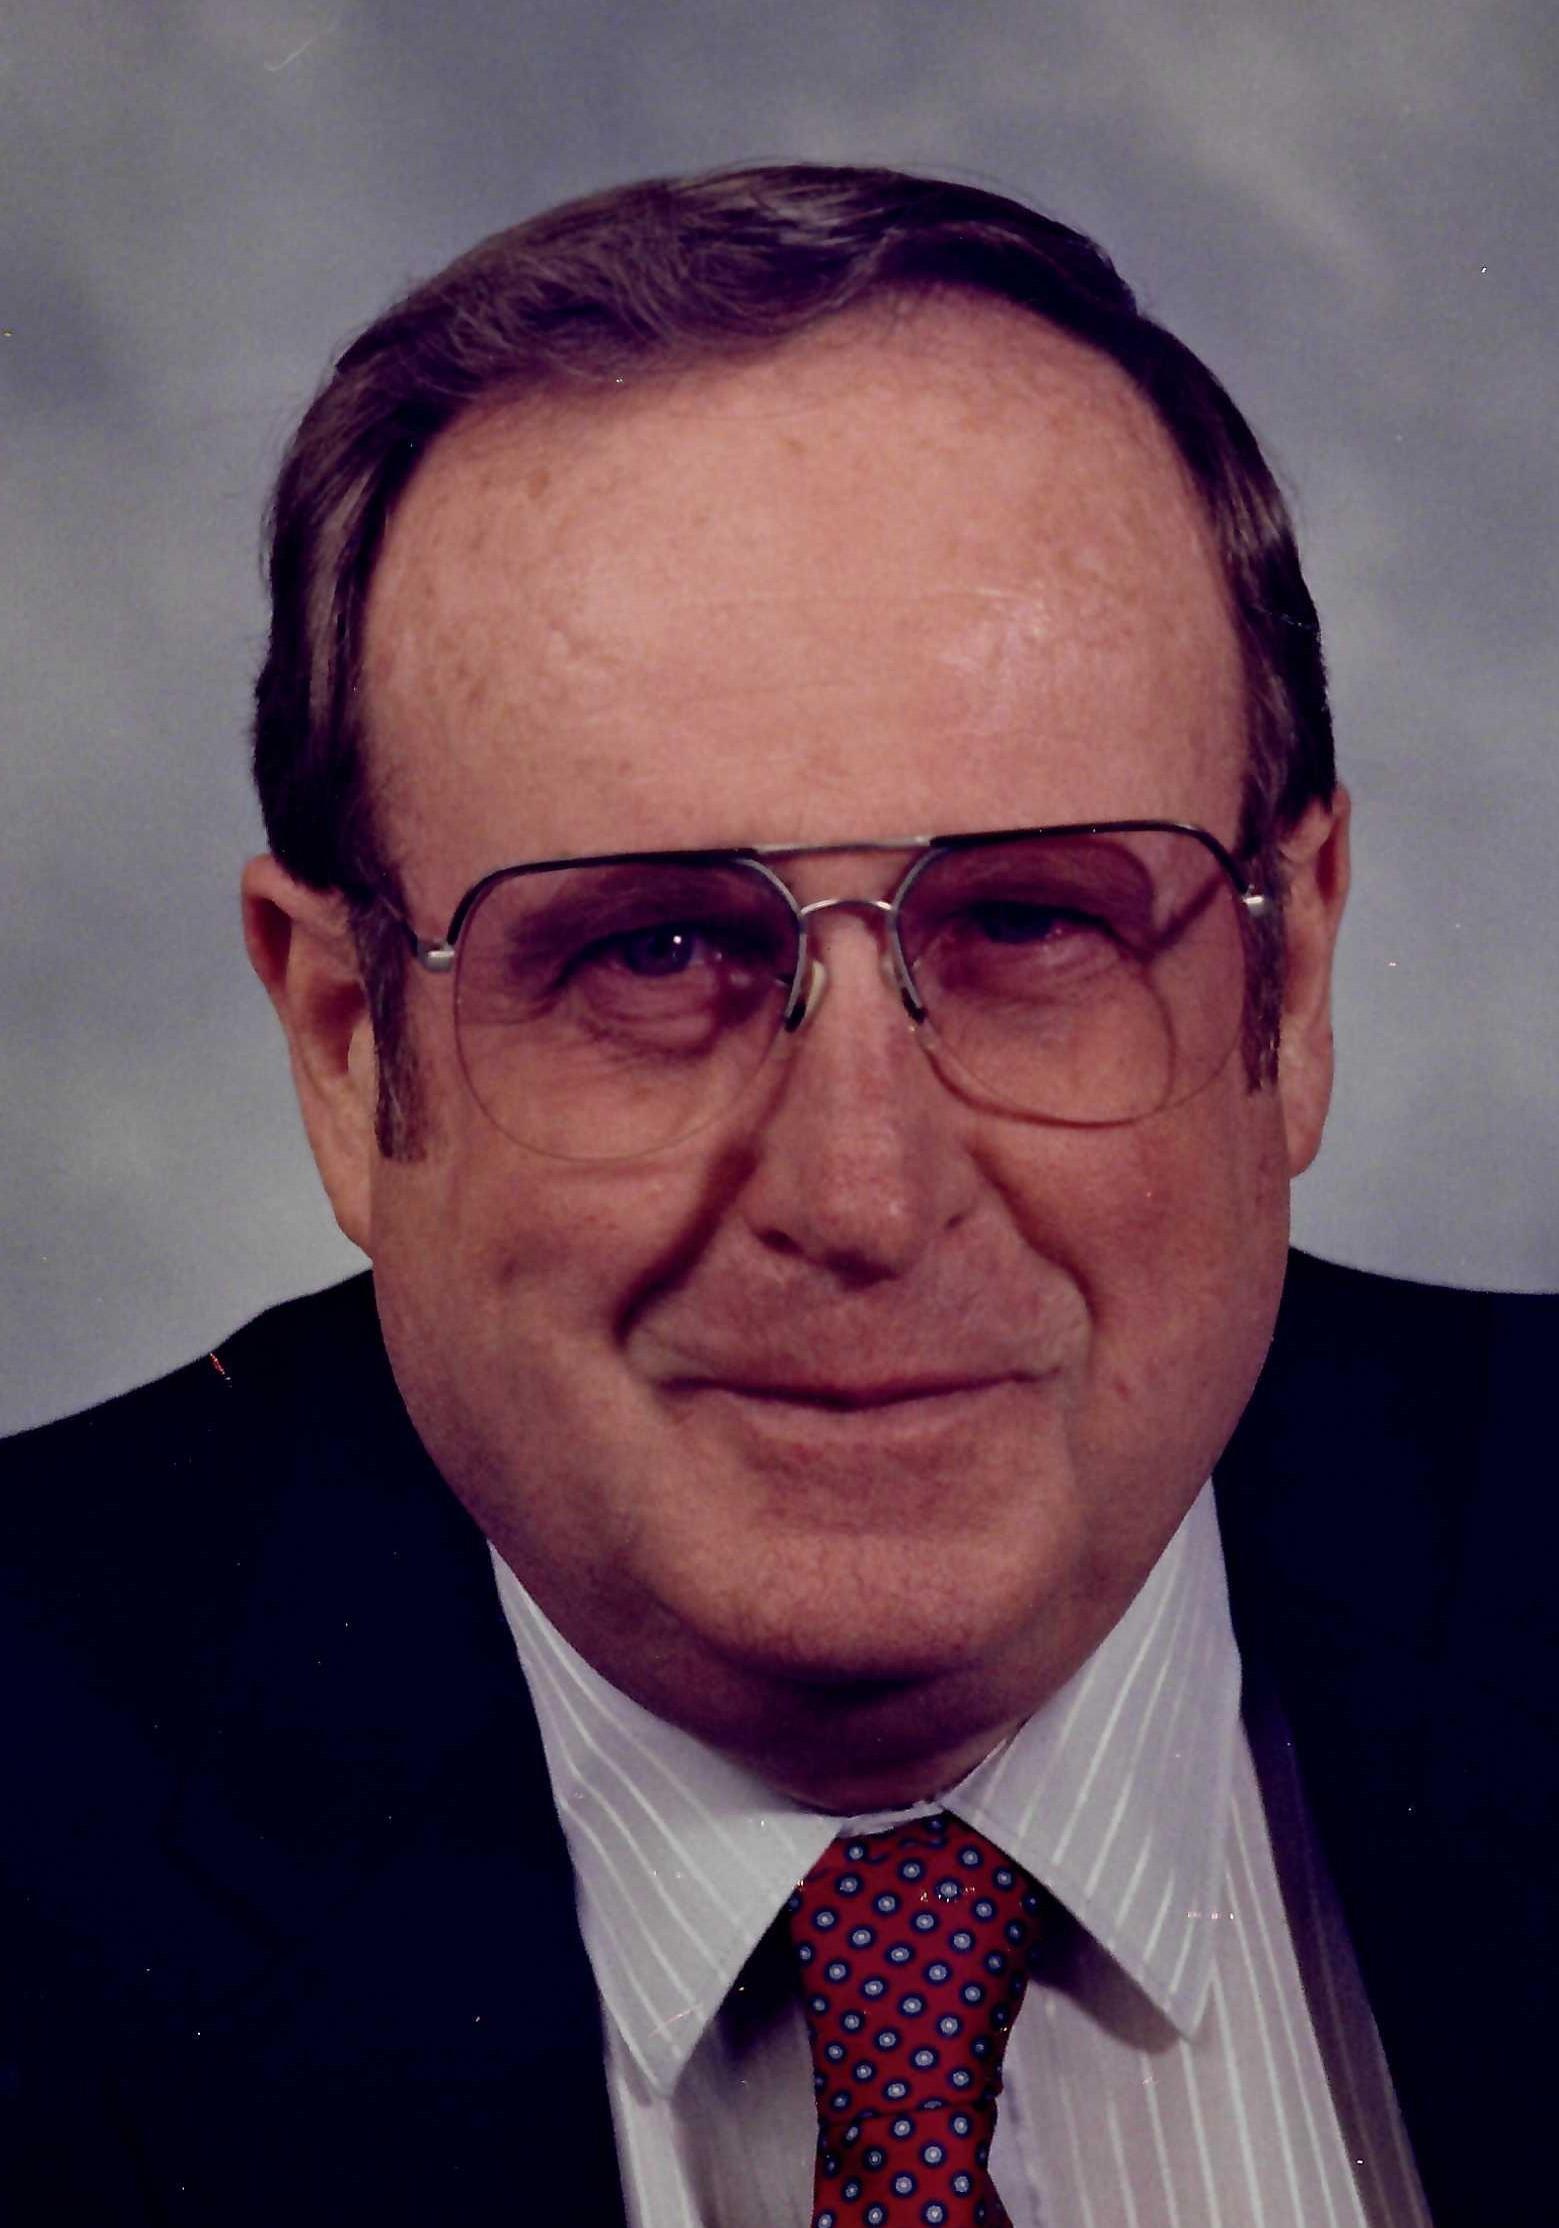 David A. Hahn